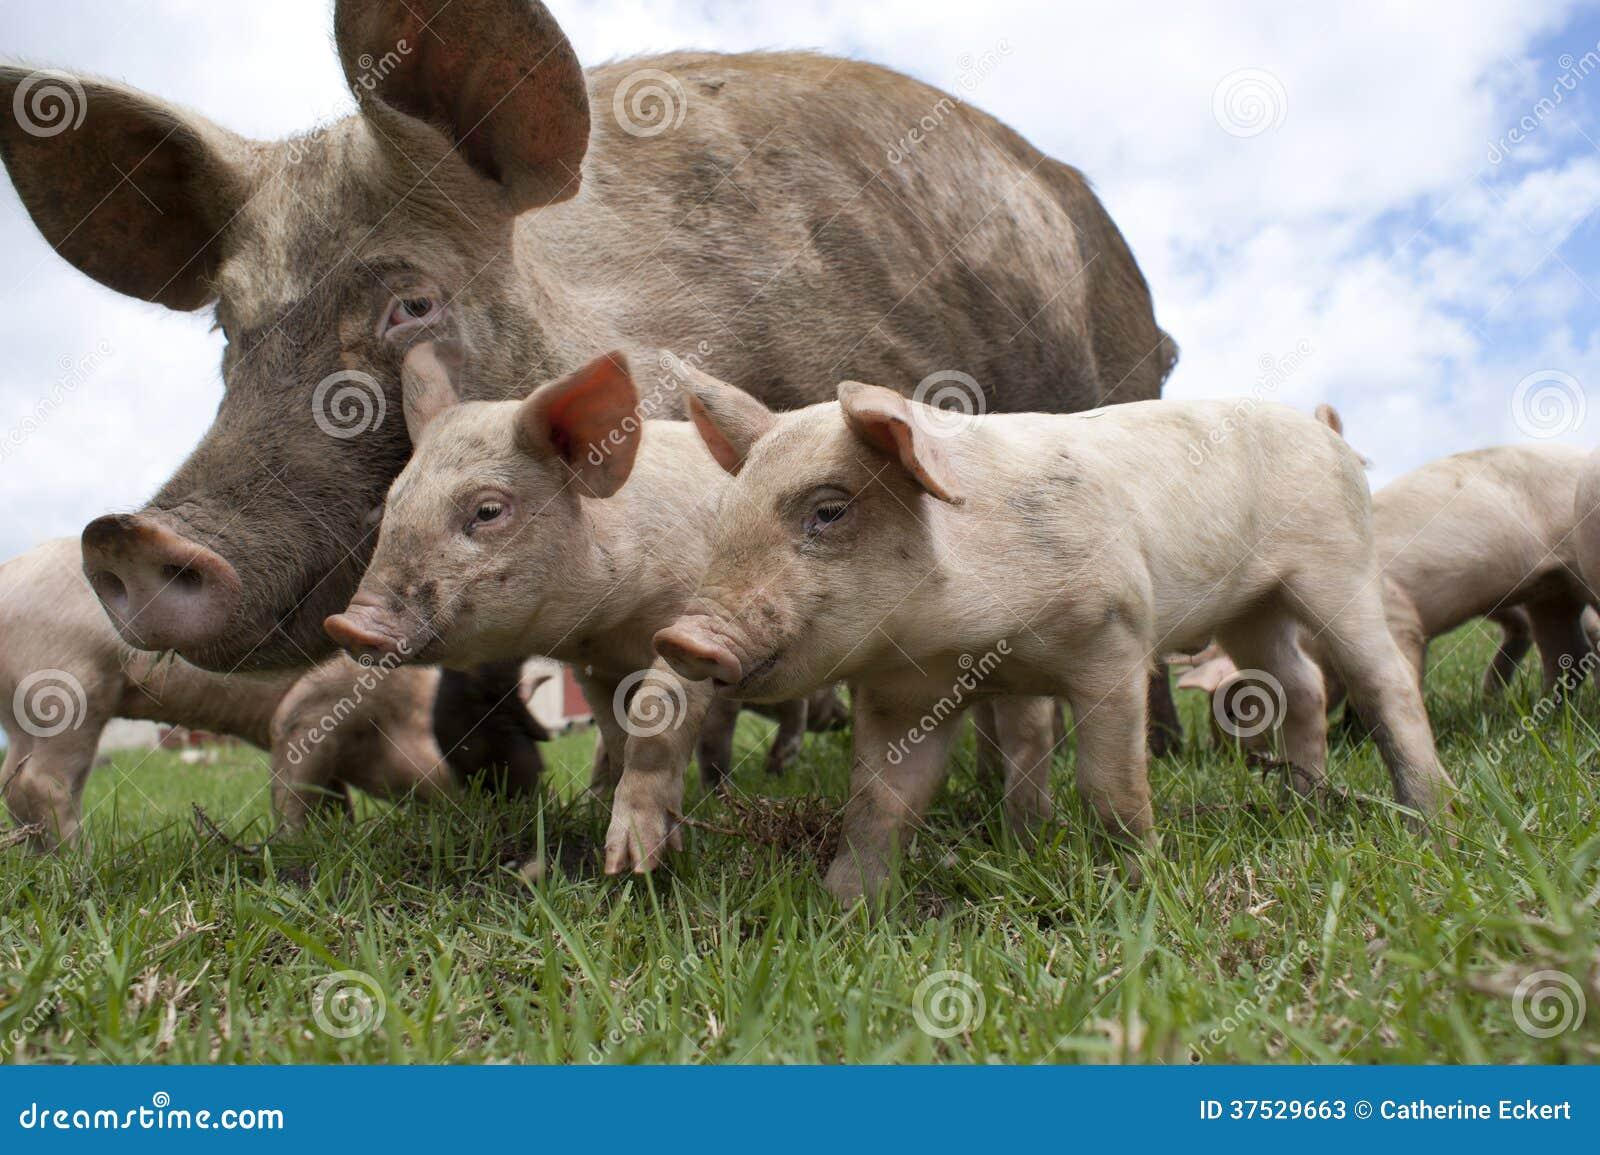 Porcos ar livre